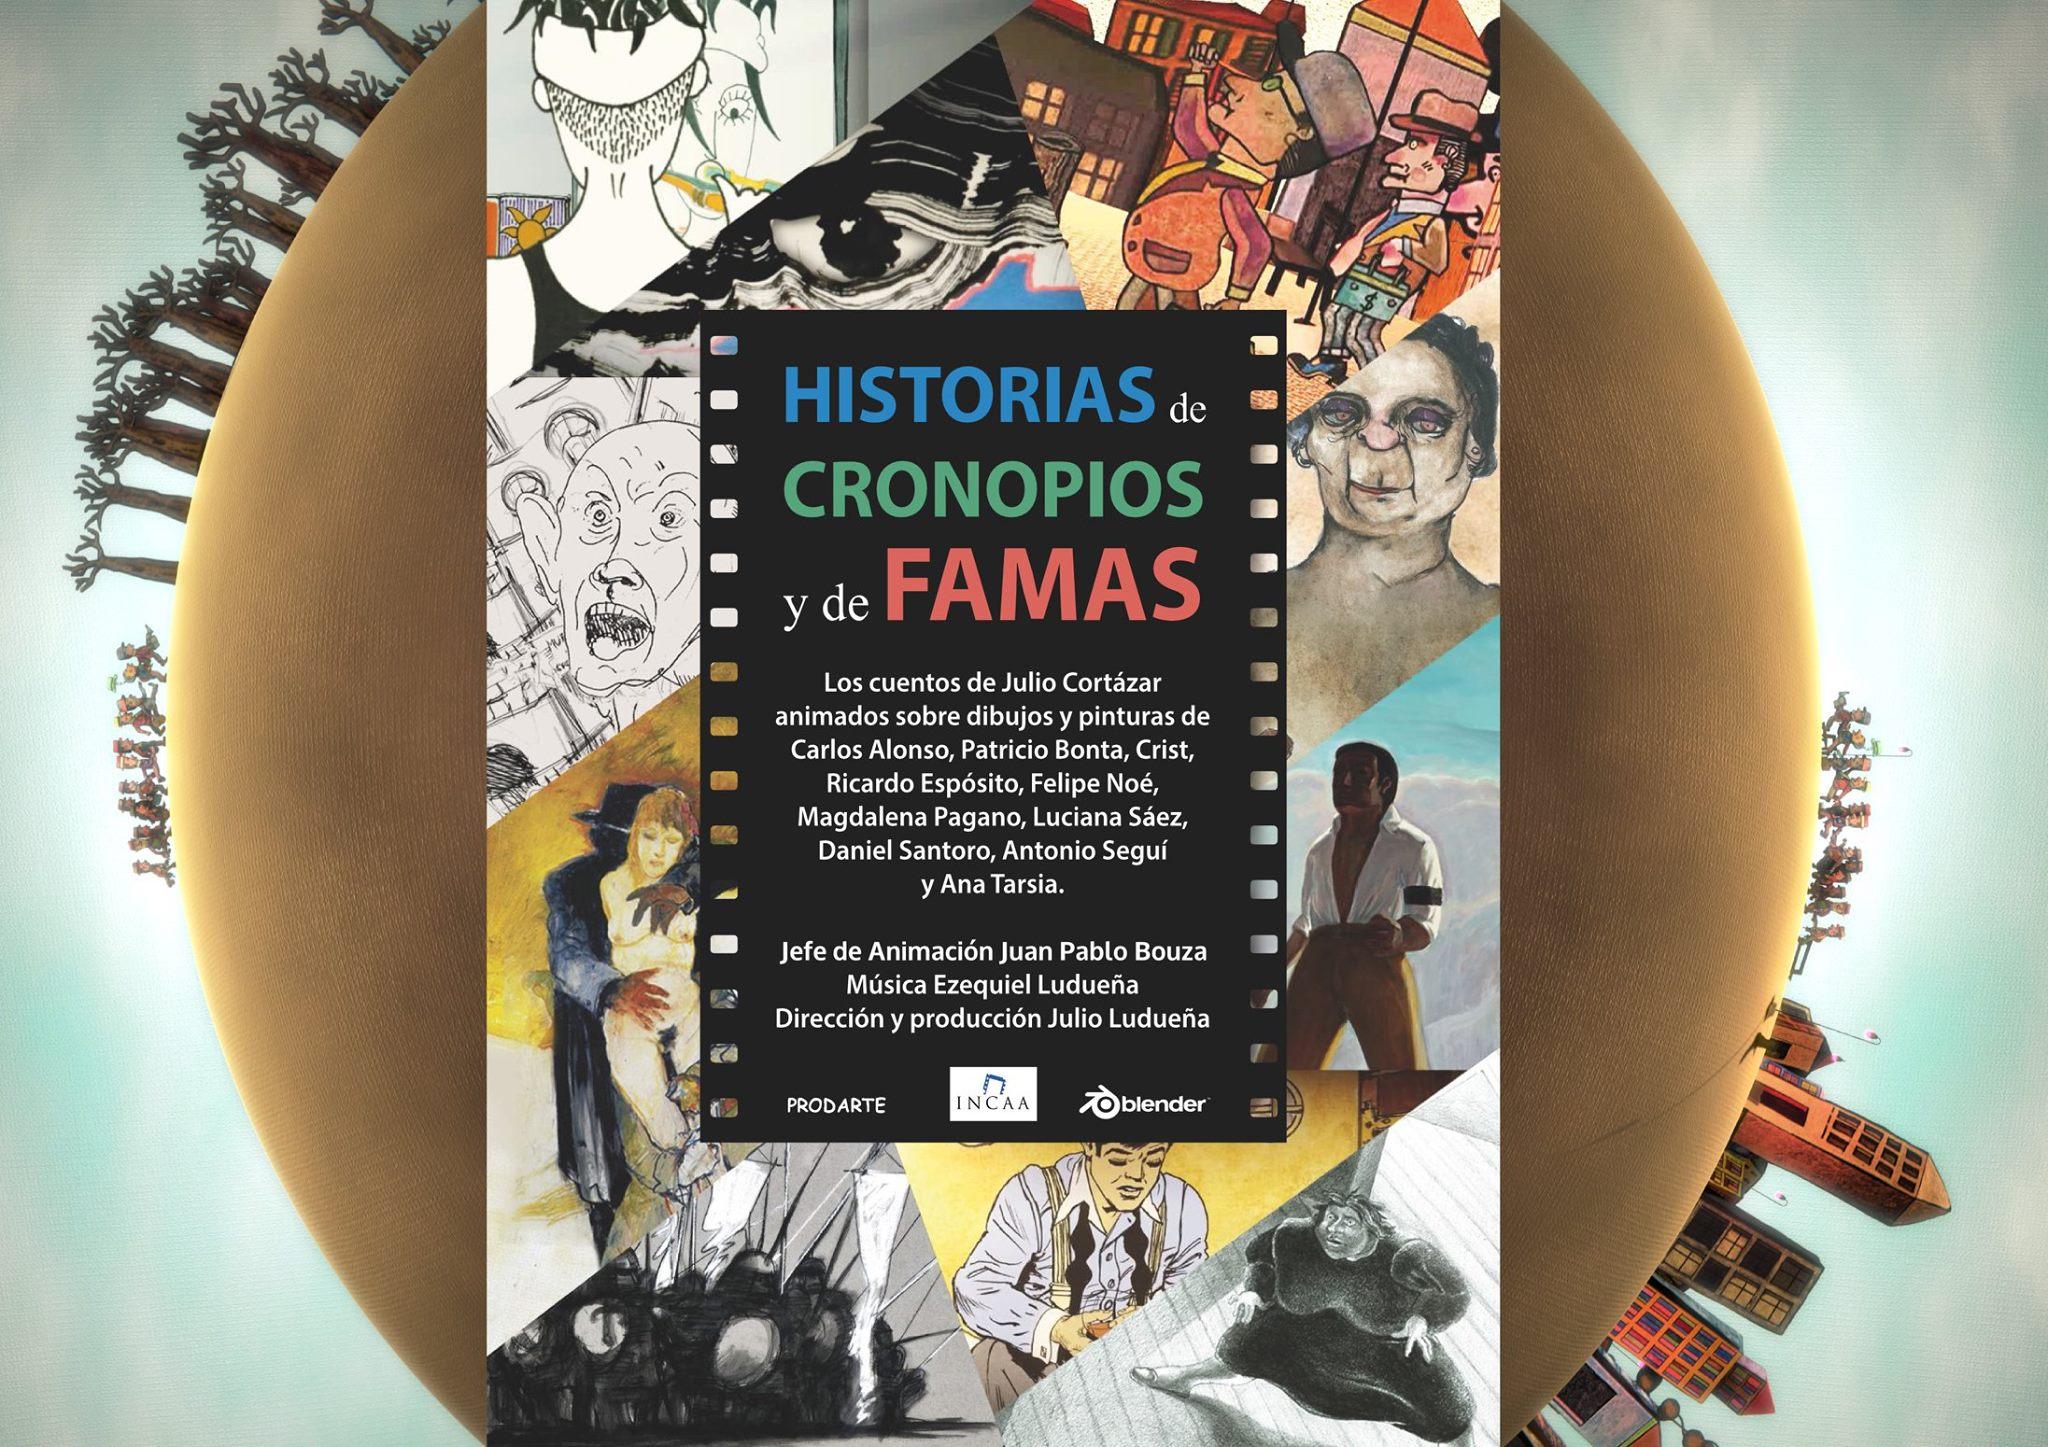 Cronopios y famas_imagen